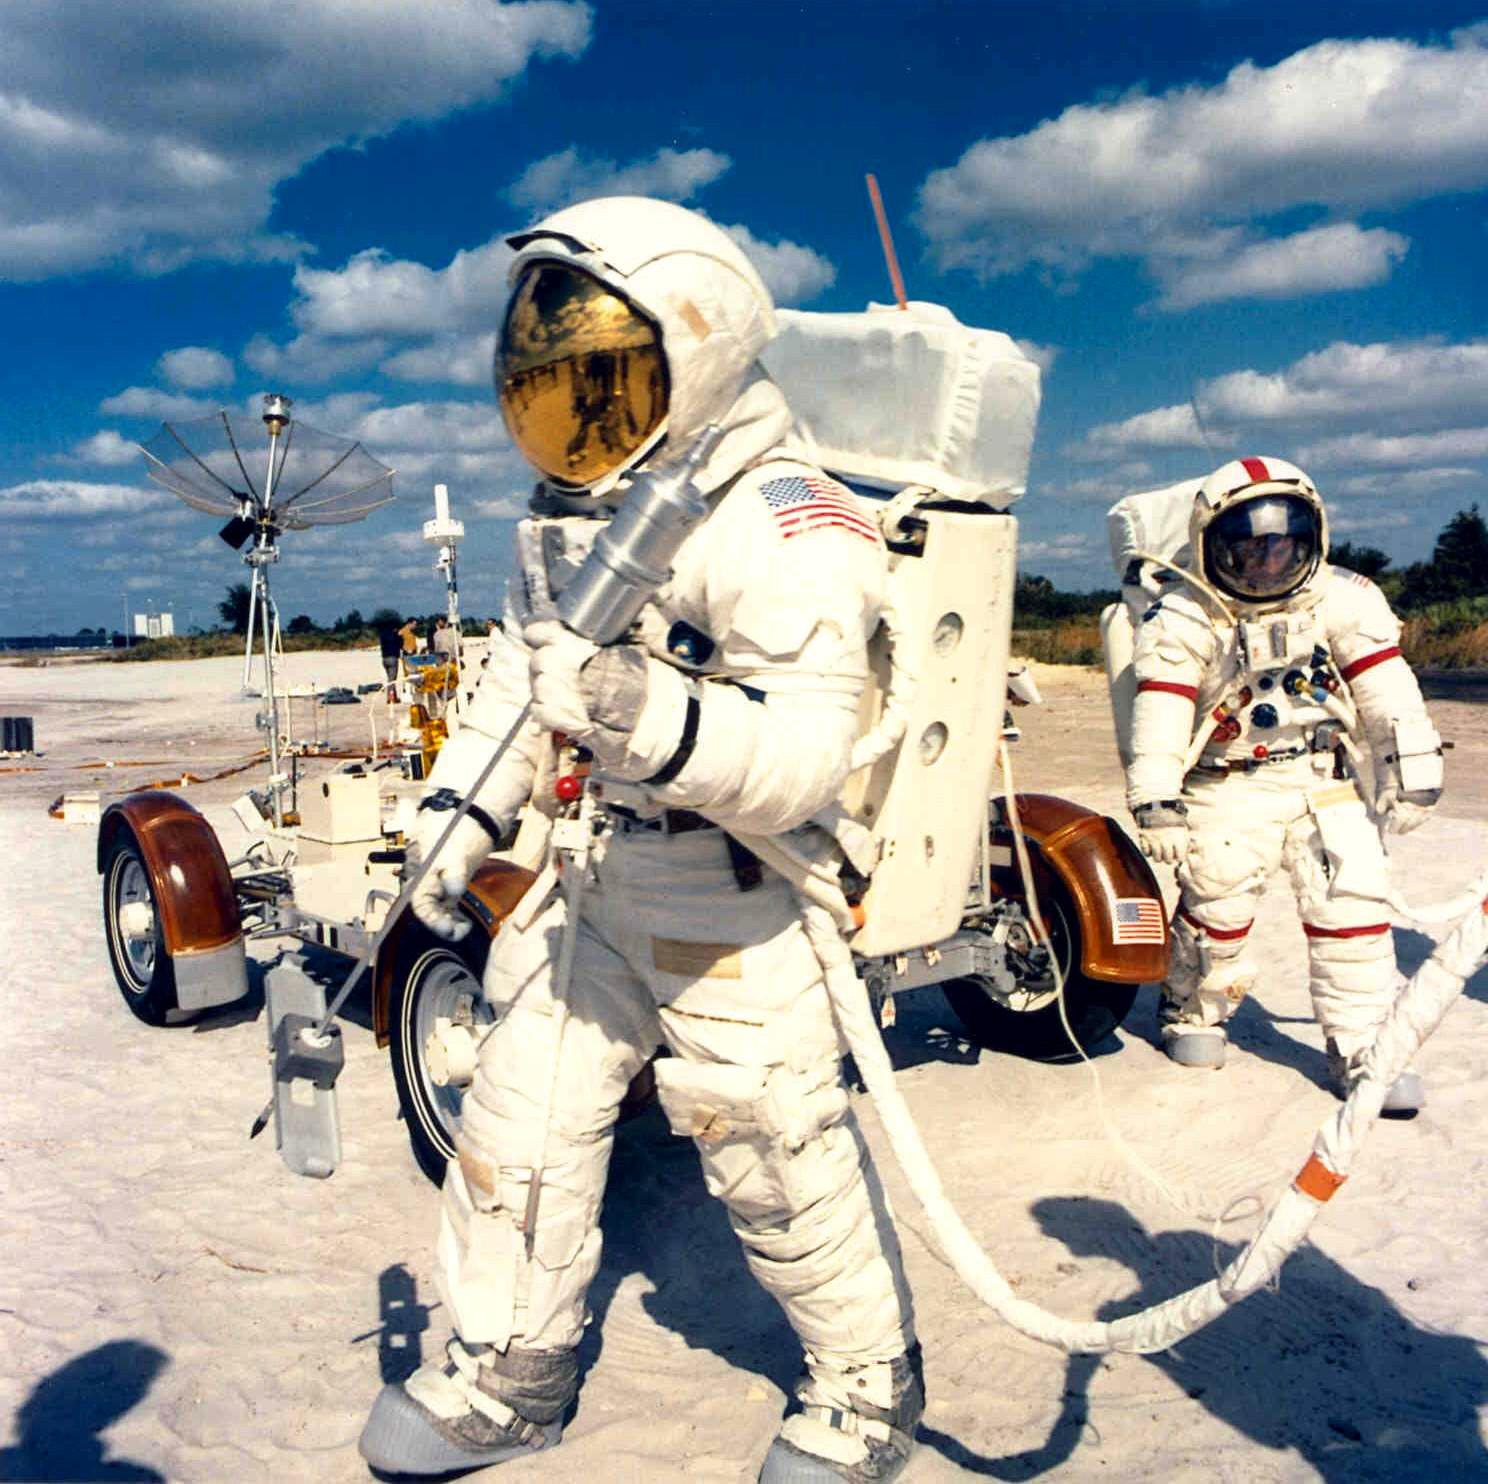 The Astronauts - Go...Go...Go!!!